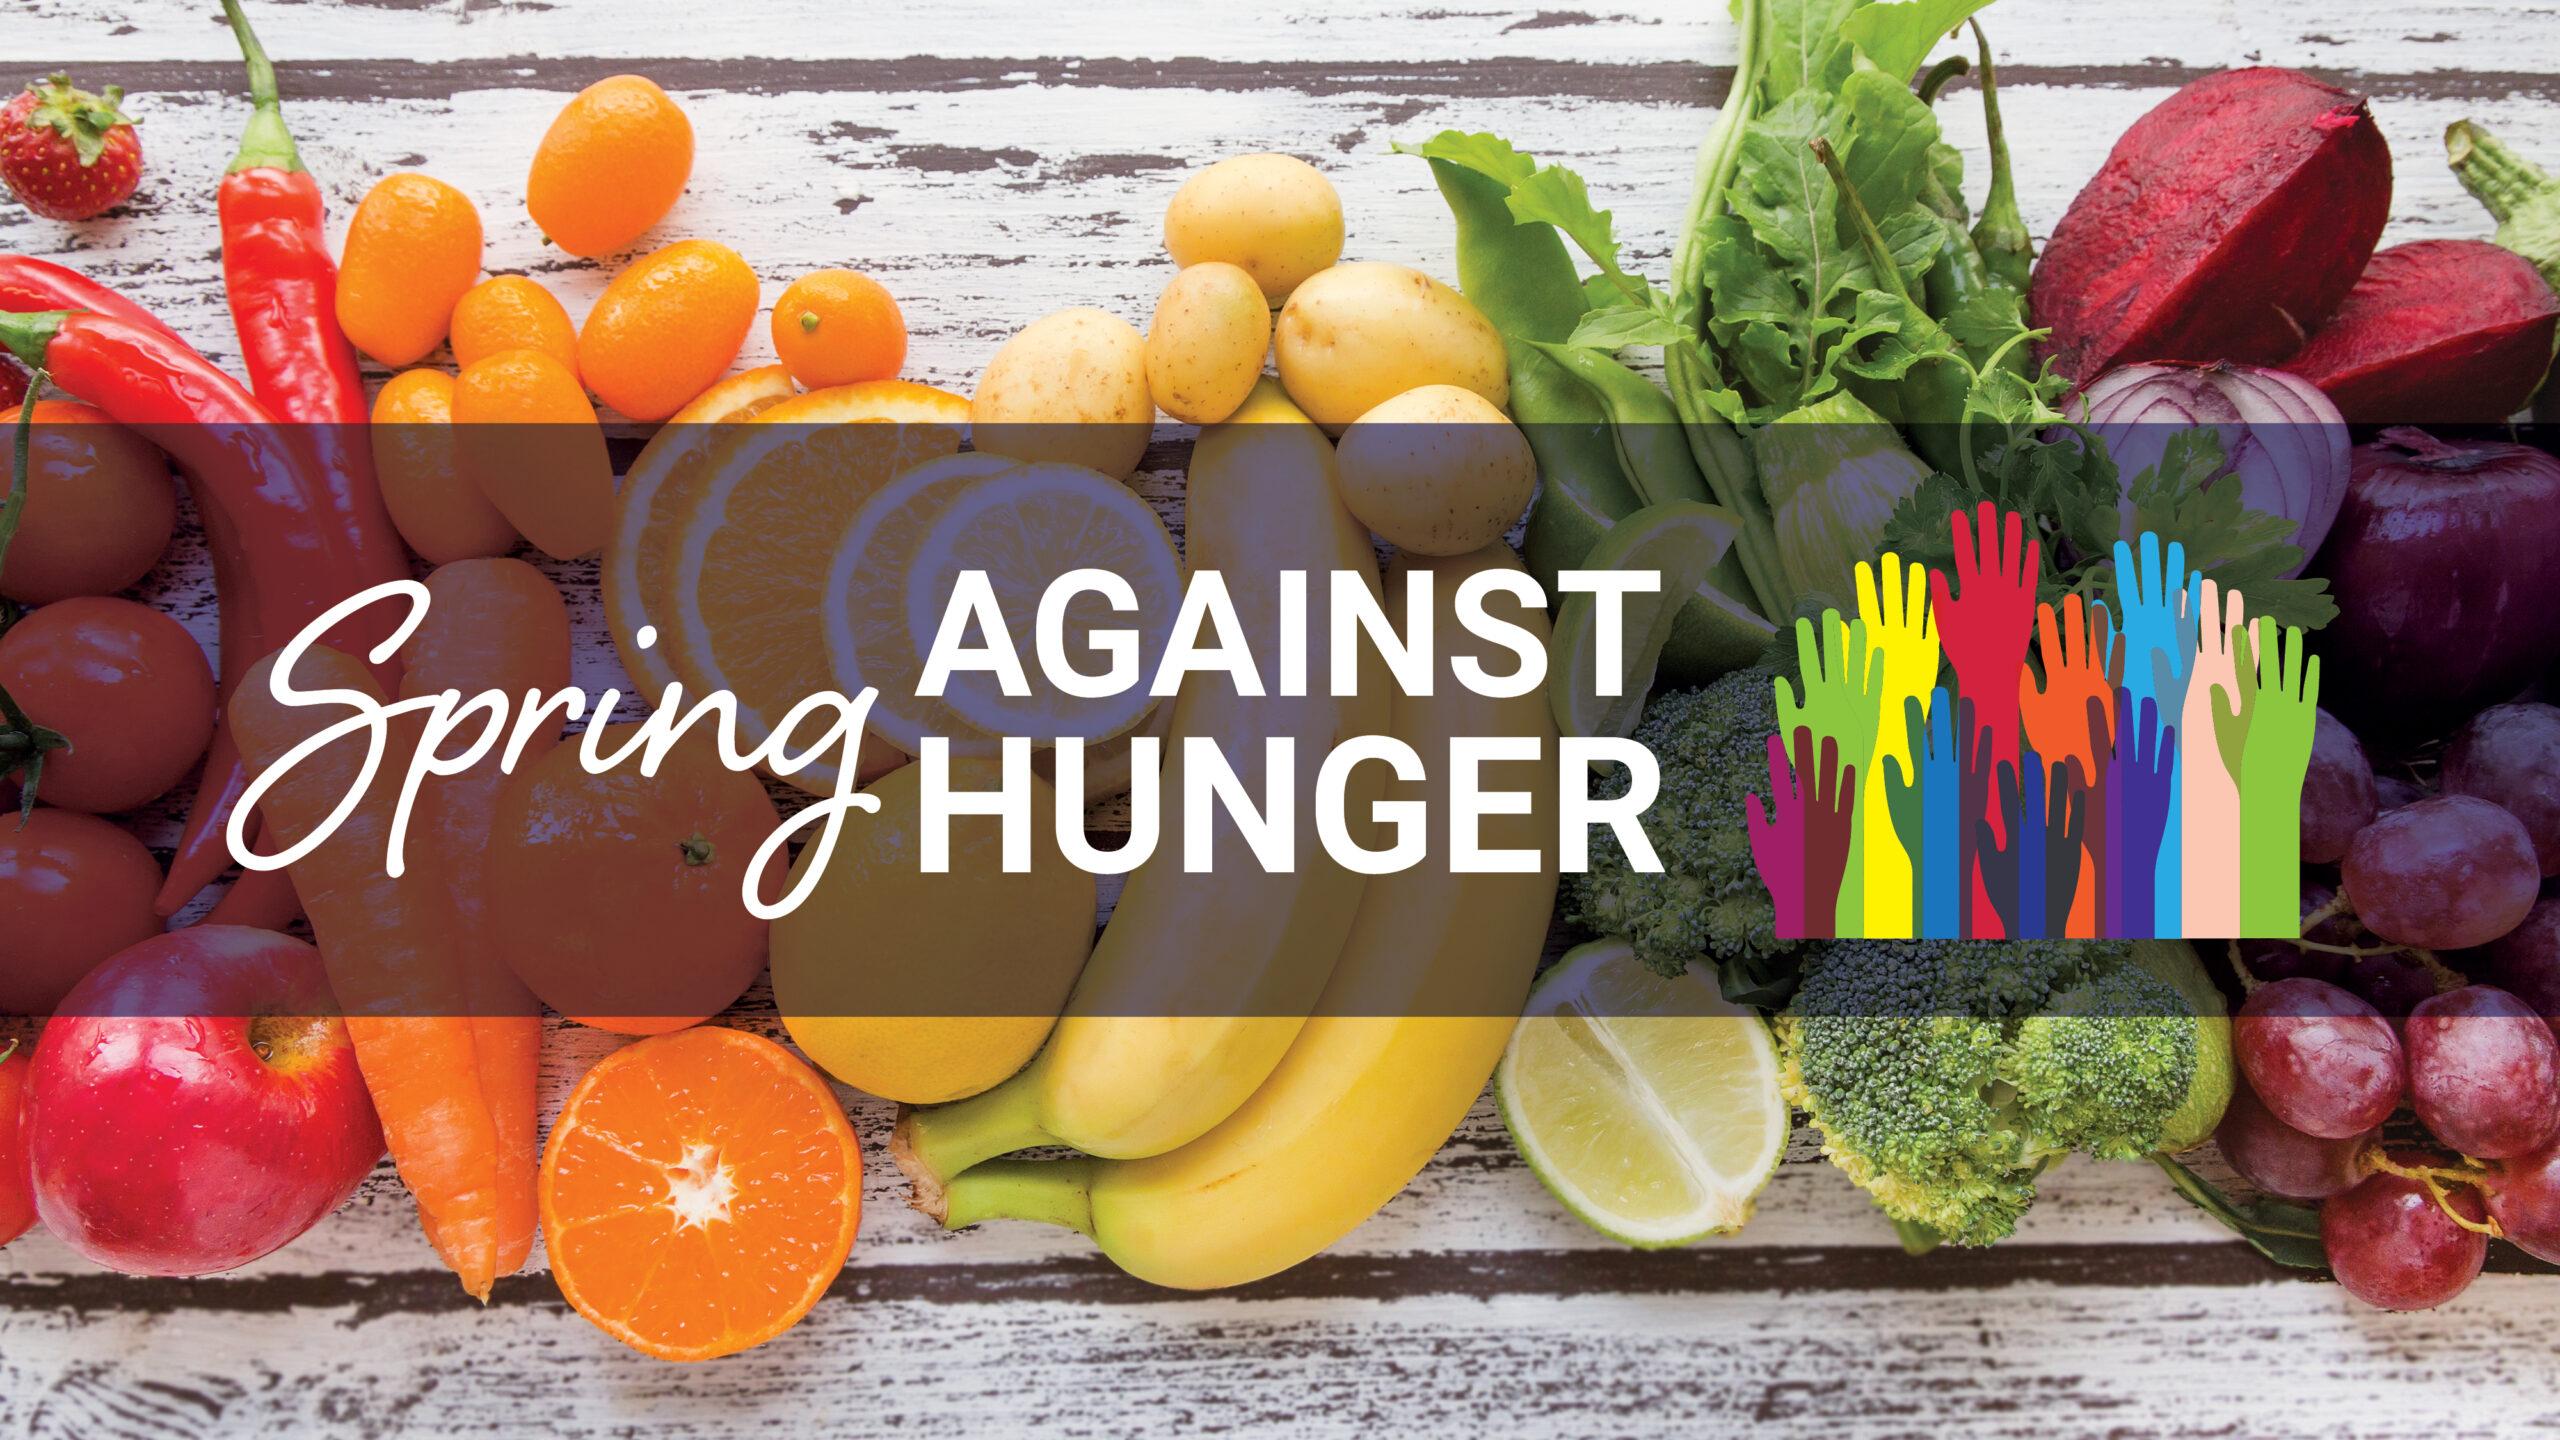 Spring Hunger Appeal